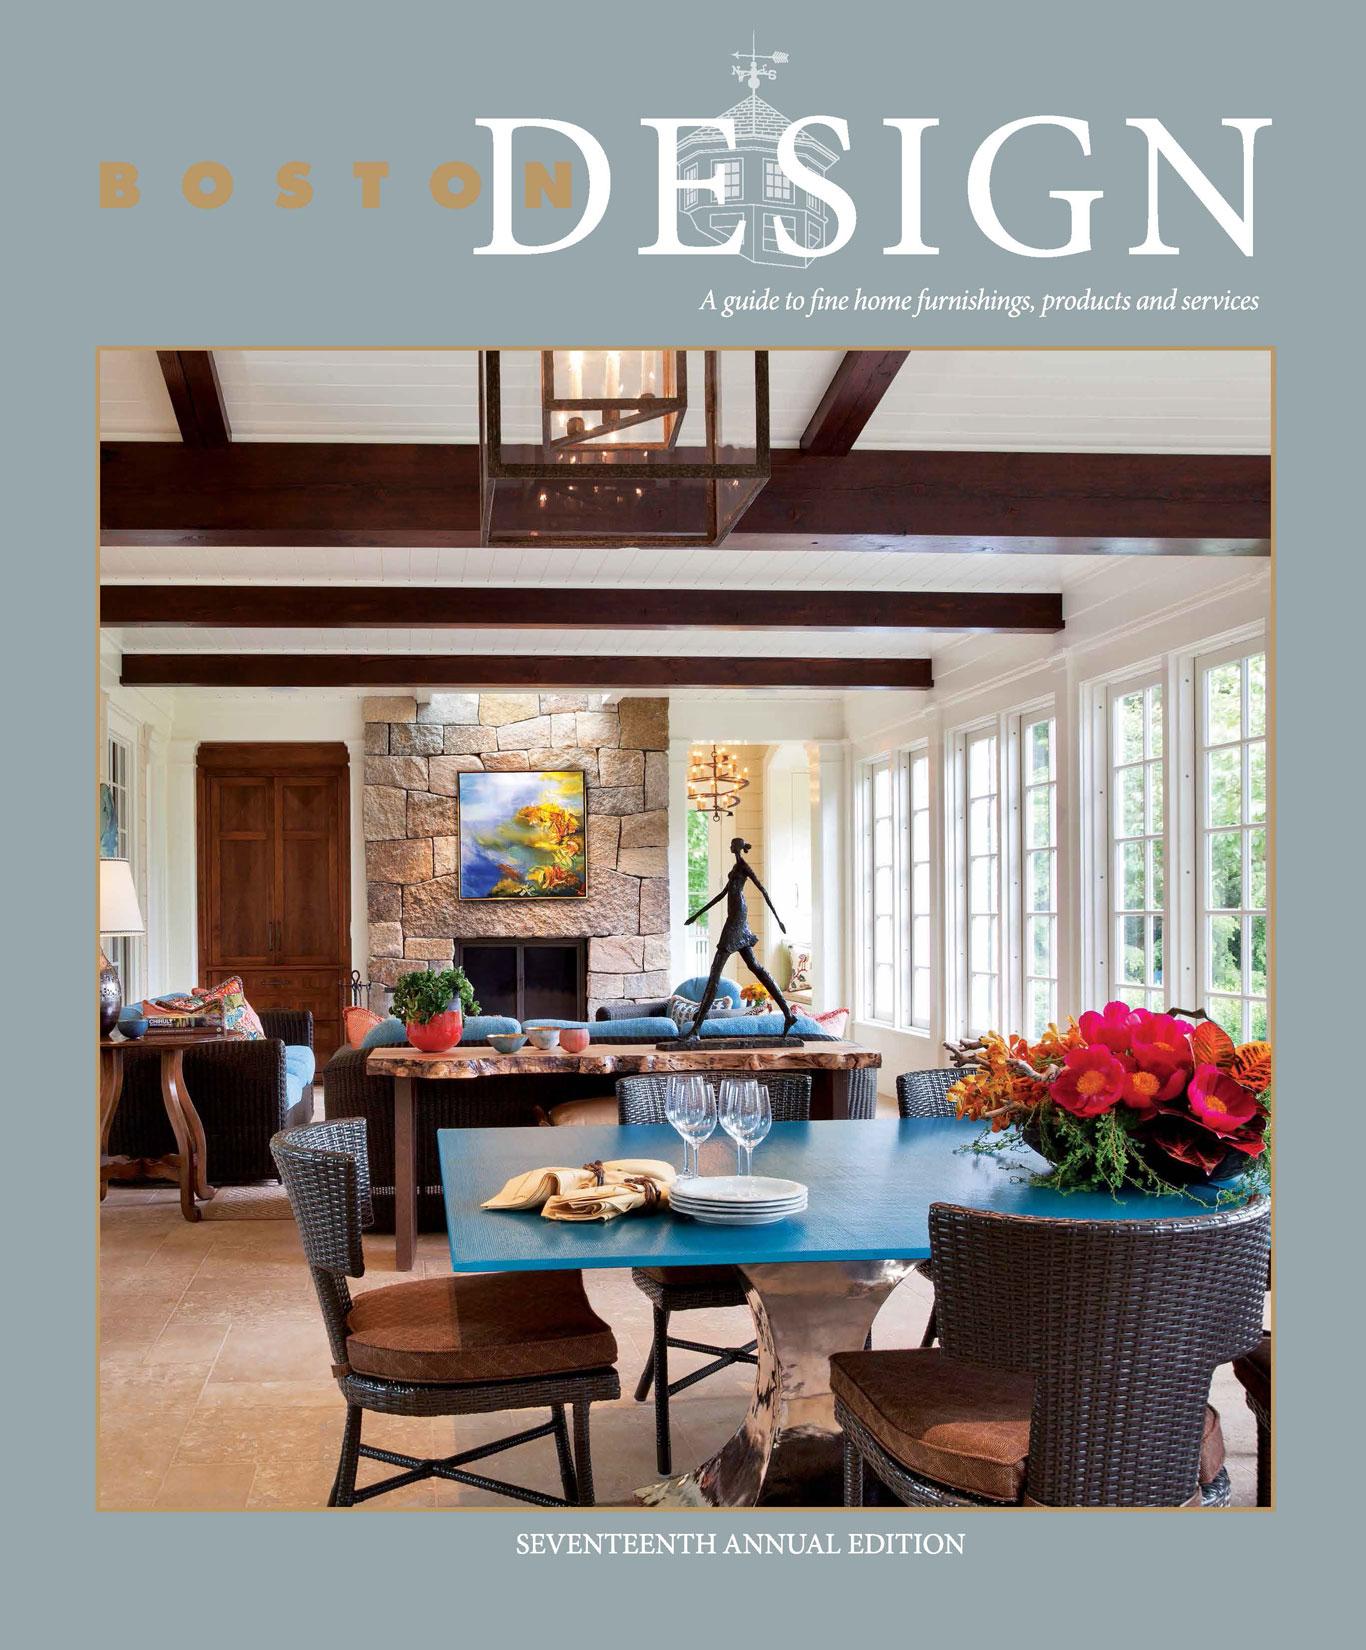 Boston Design Guide 17th Edition Barbara Kotzen Interiors